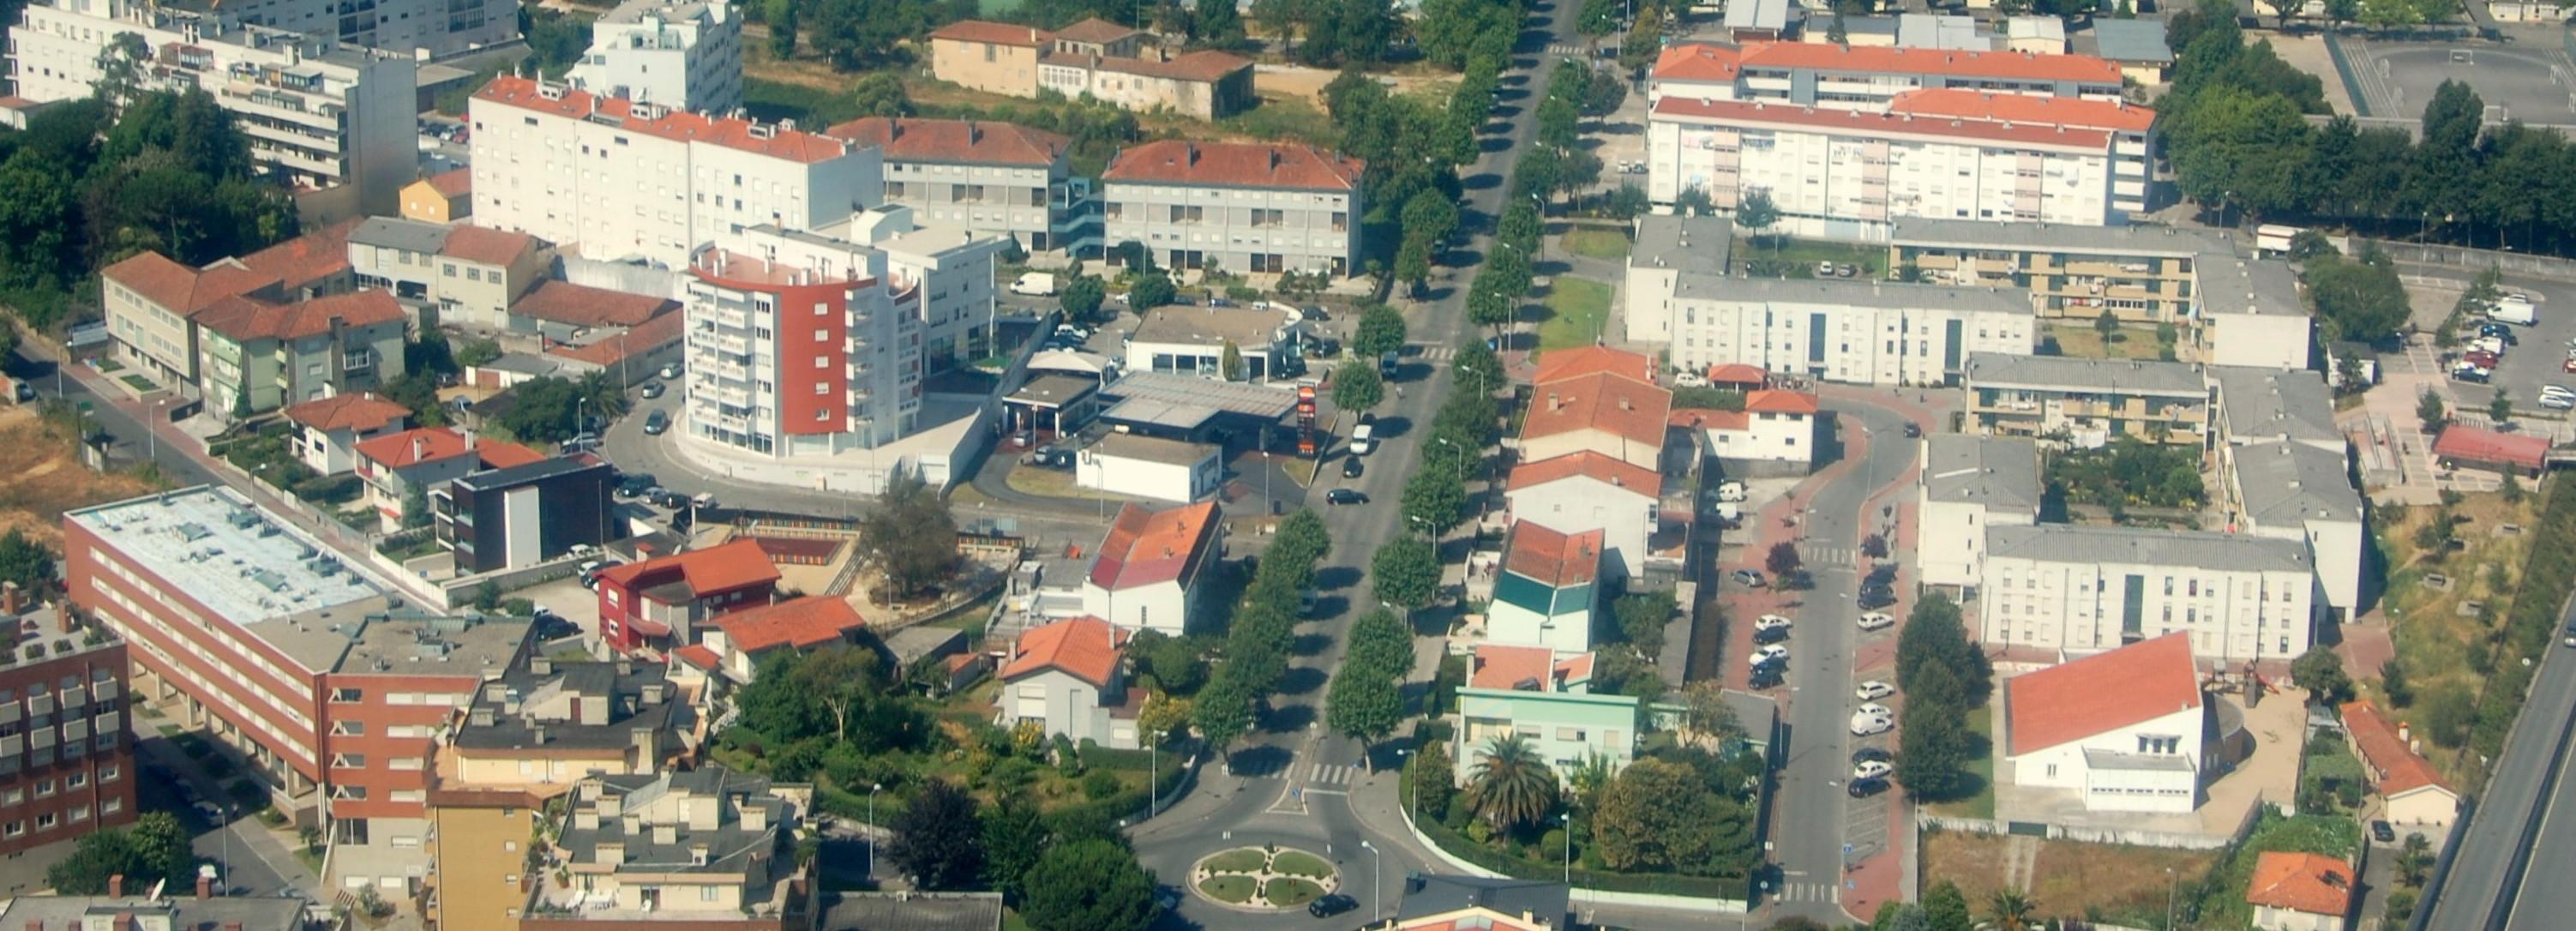 Câmara Municipal mantém taxas reduzidas do IMI e da derrama